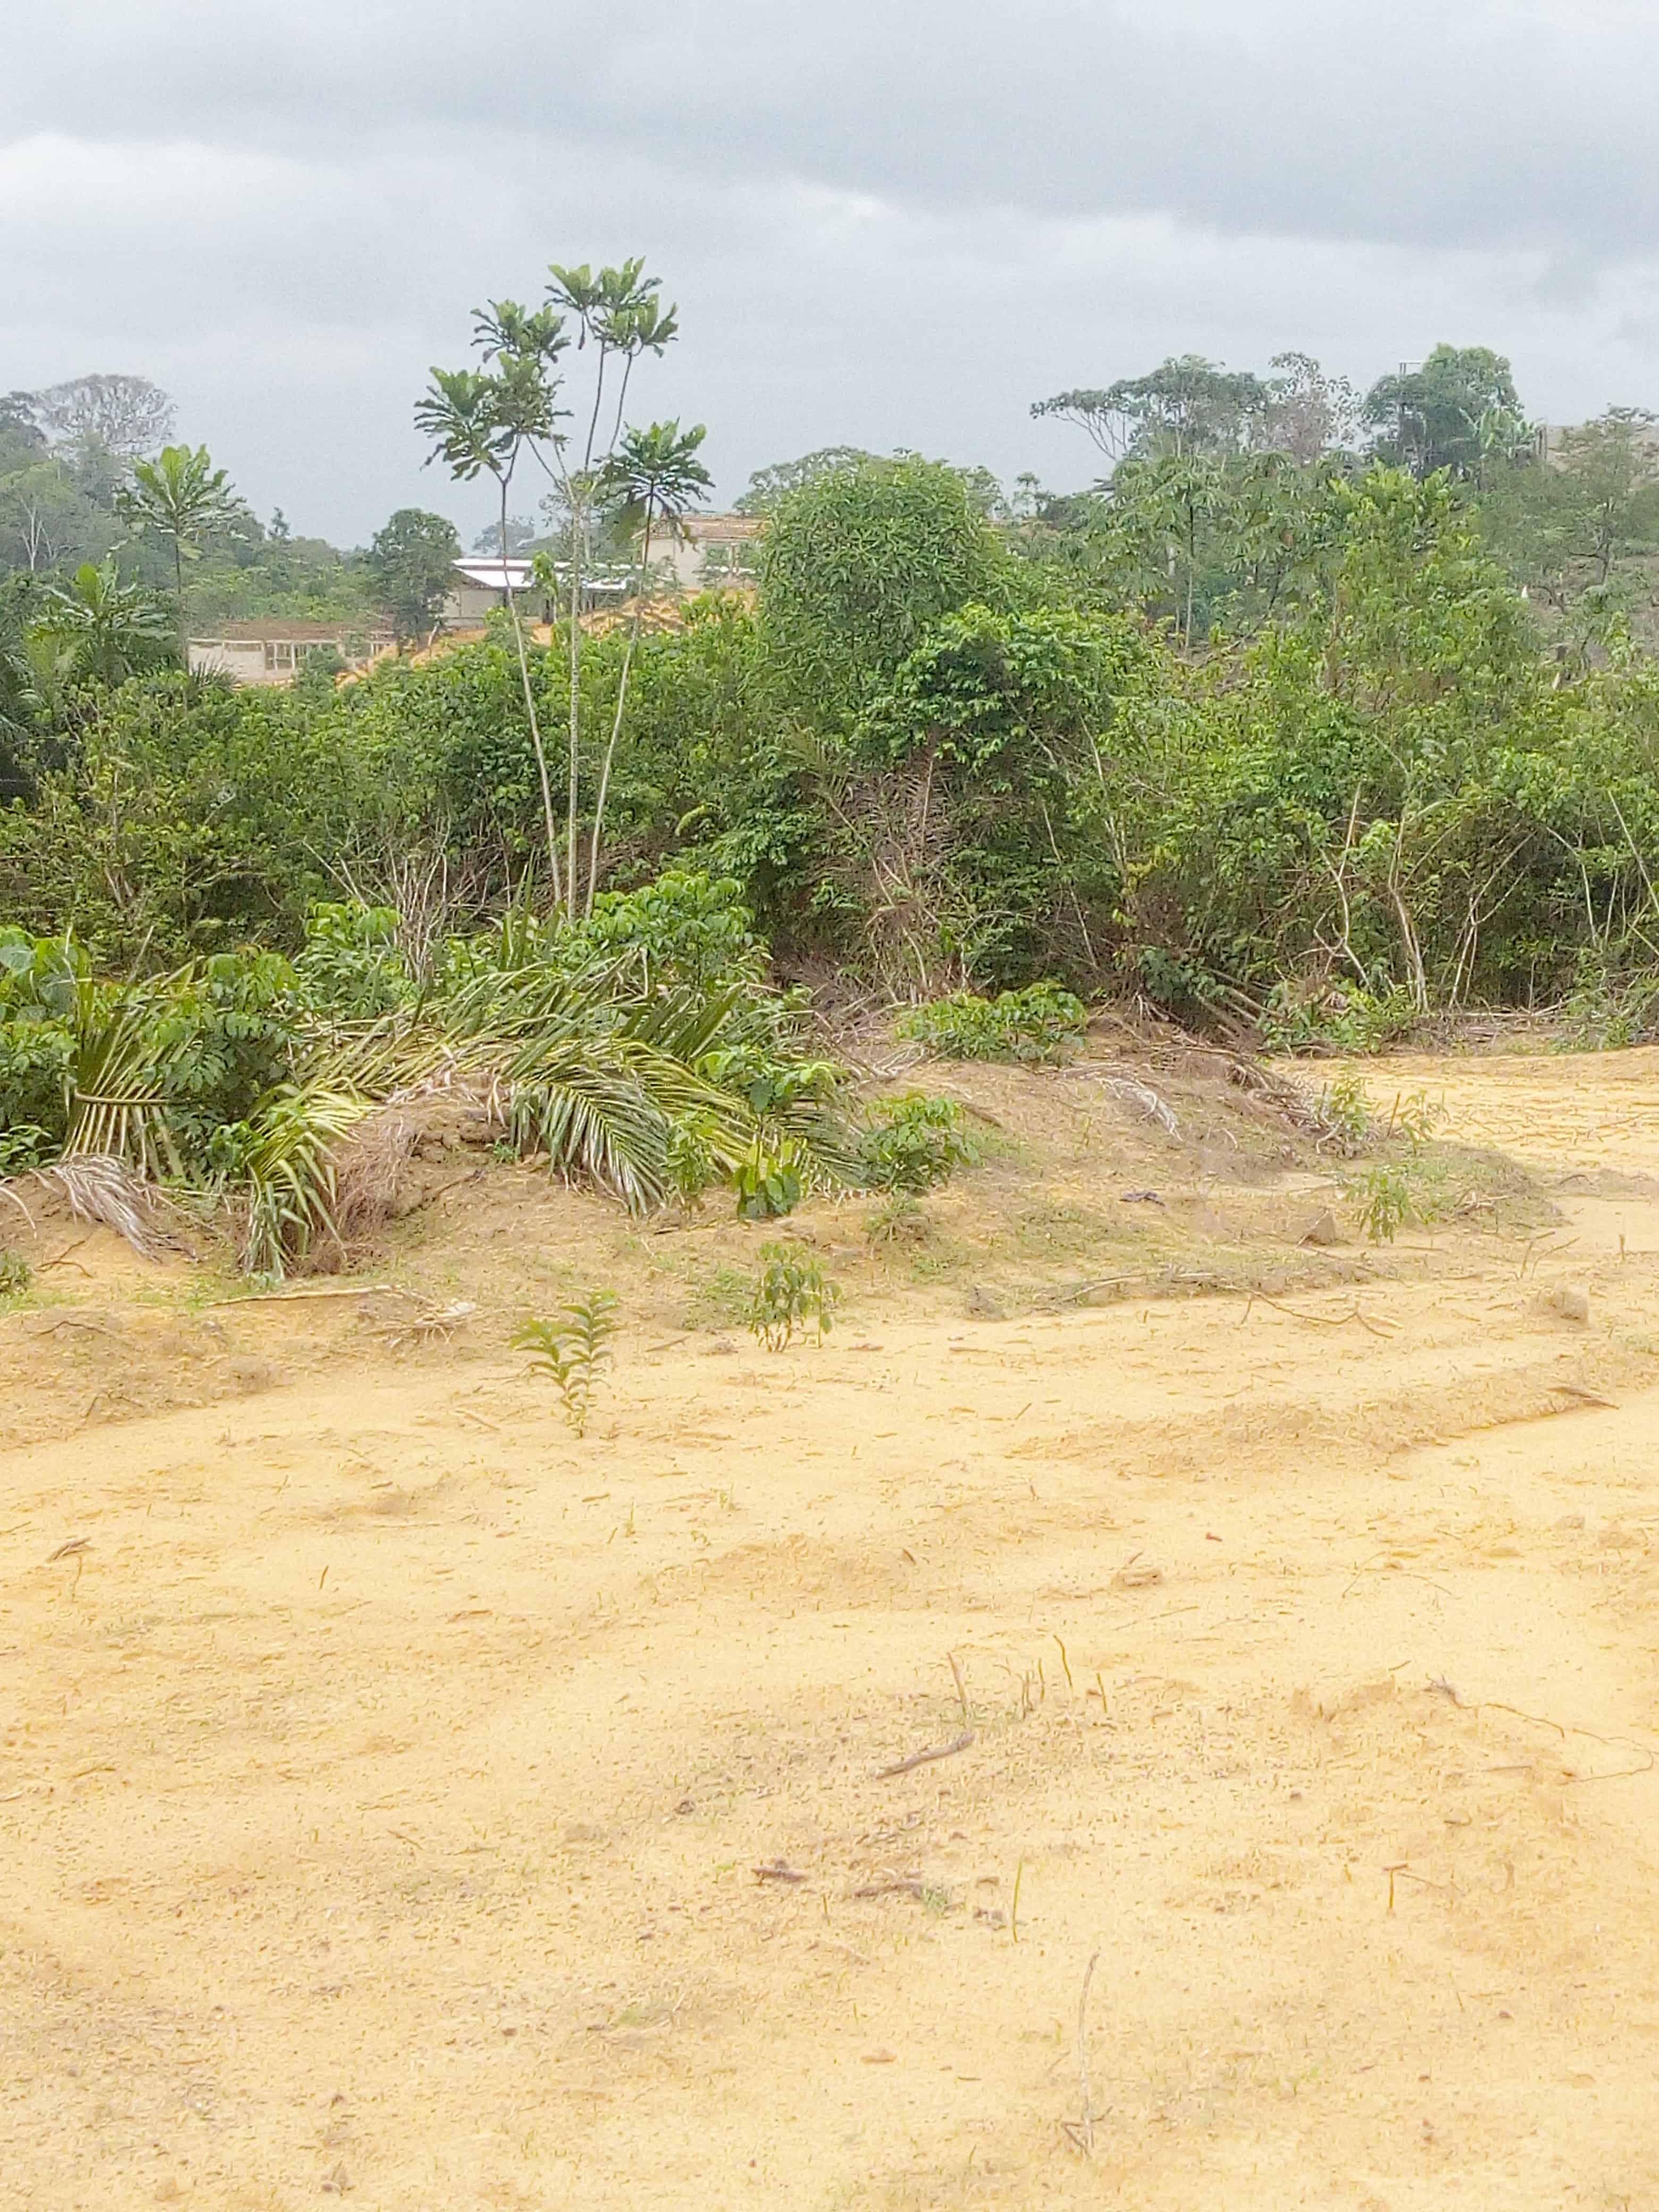 Land for sale at Douala, PK 27, Pk27 - 10000 m2 - 50 000 000 FCFA